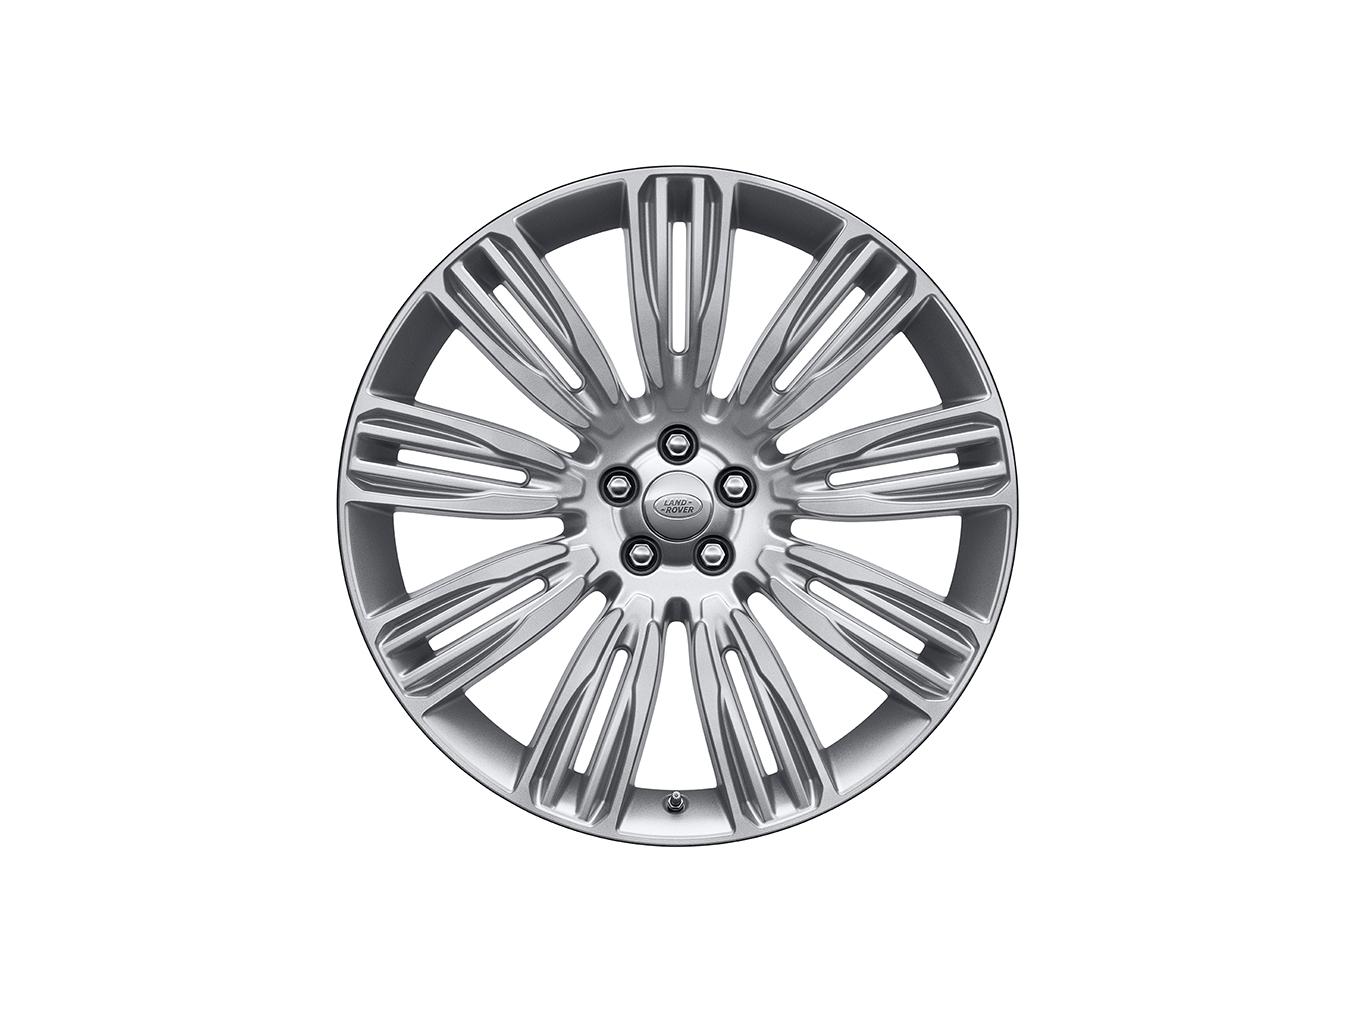 Колесный диск R22 Style 9007 Sparkle Silver для Range Rover Velar